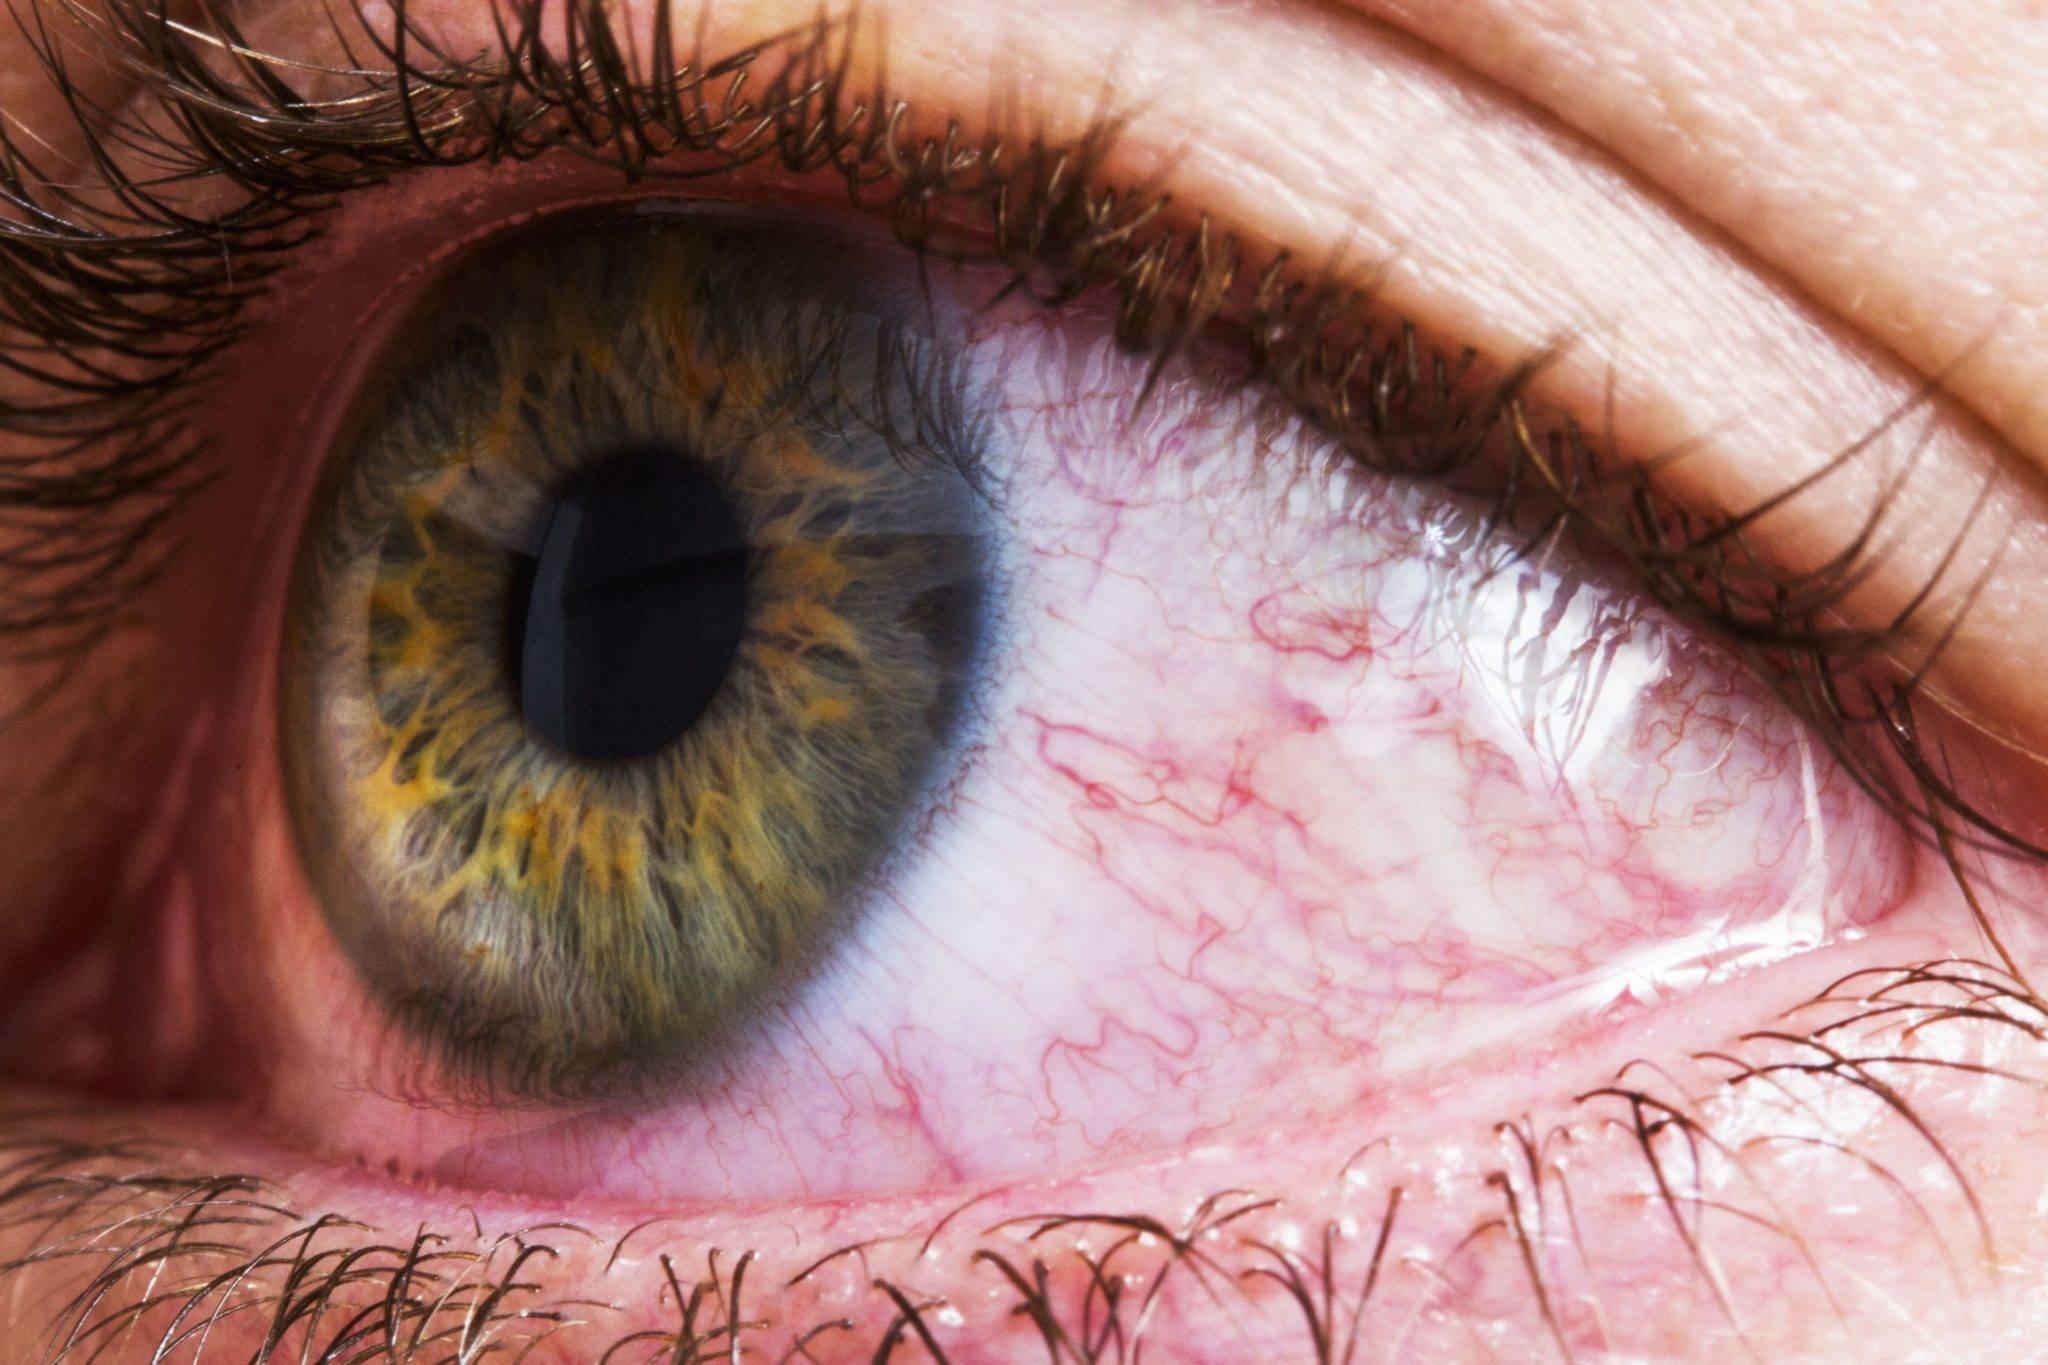 Лопнул сосуд (капилляр) в глазу: причины и лечение, что делать?